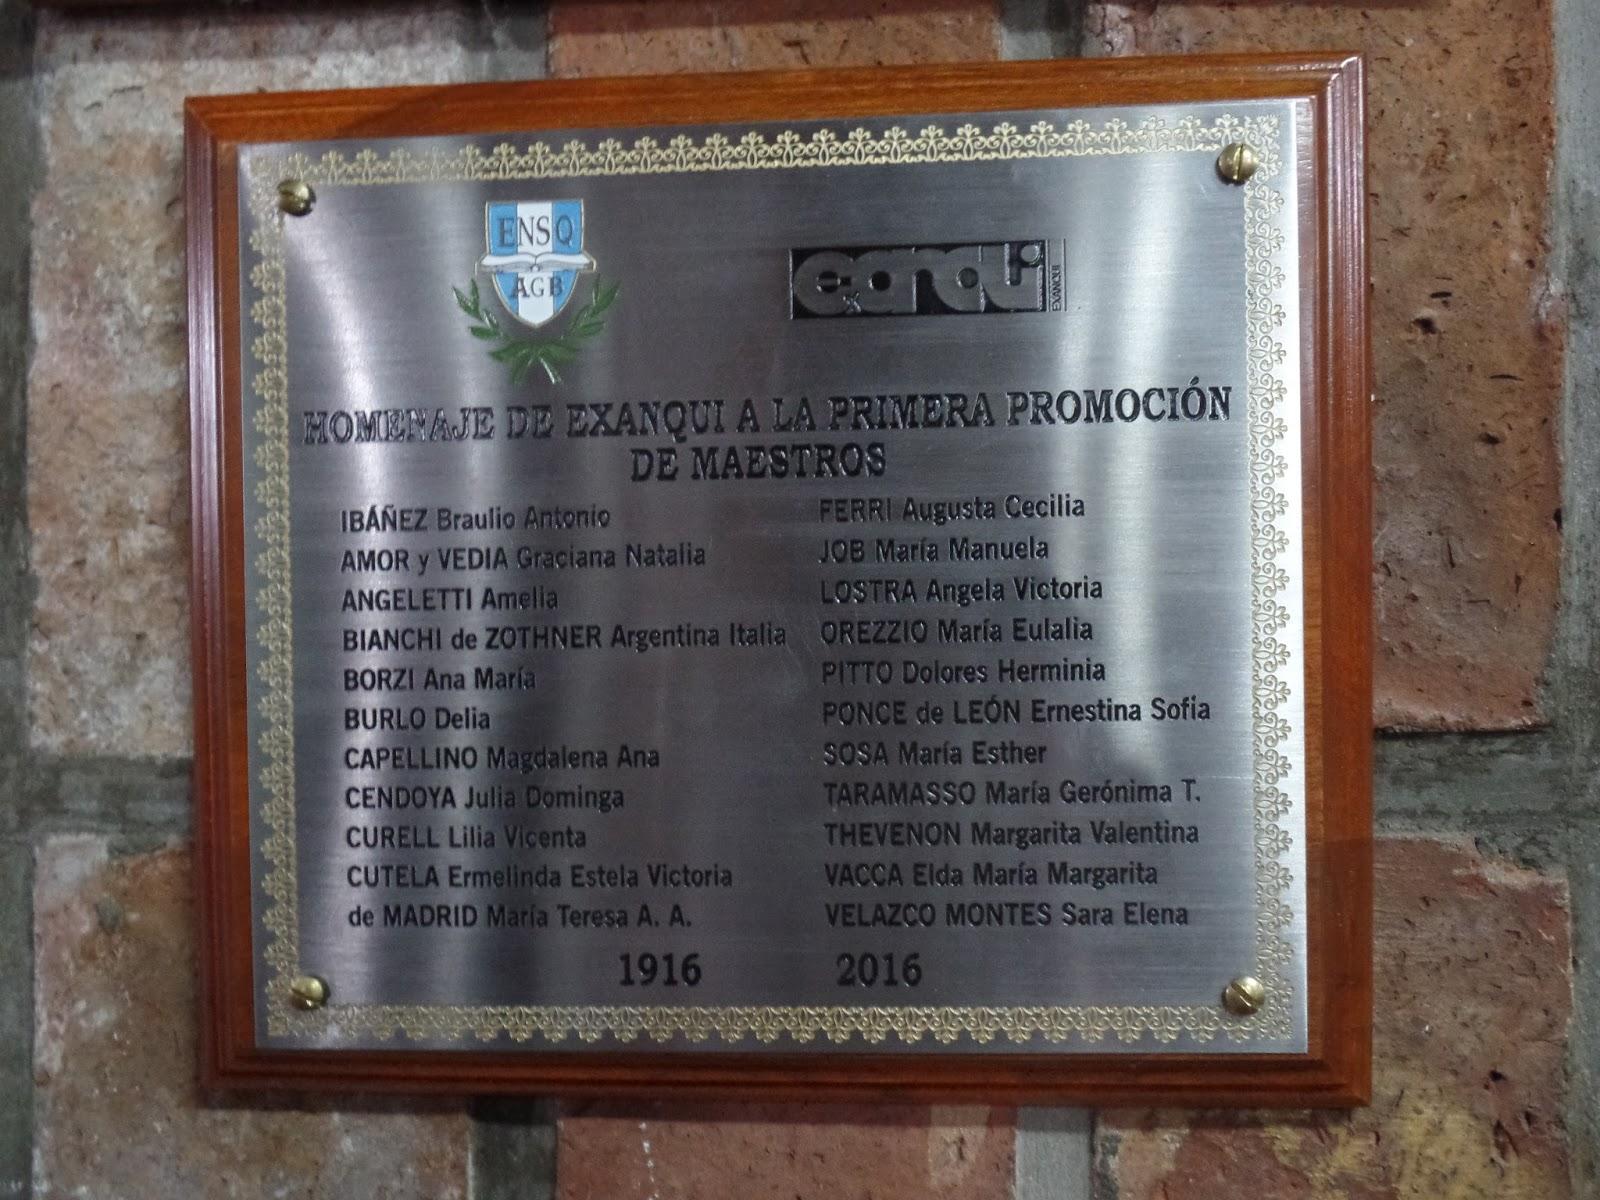 1 viernes 21 de octubre de 2016 centenario de los primeros maestros egresad0s de la escuela normal de quilmes 1916 2016